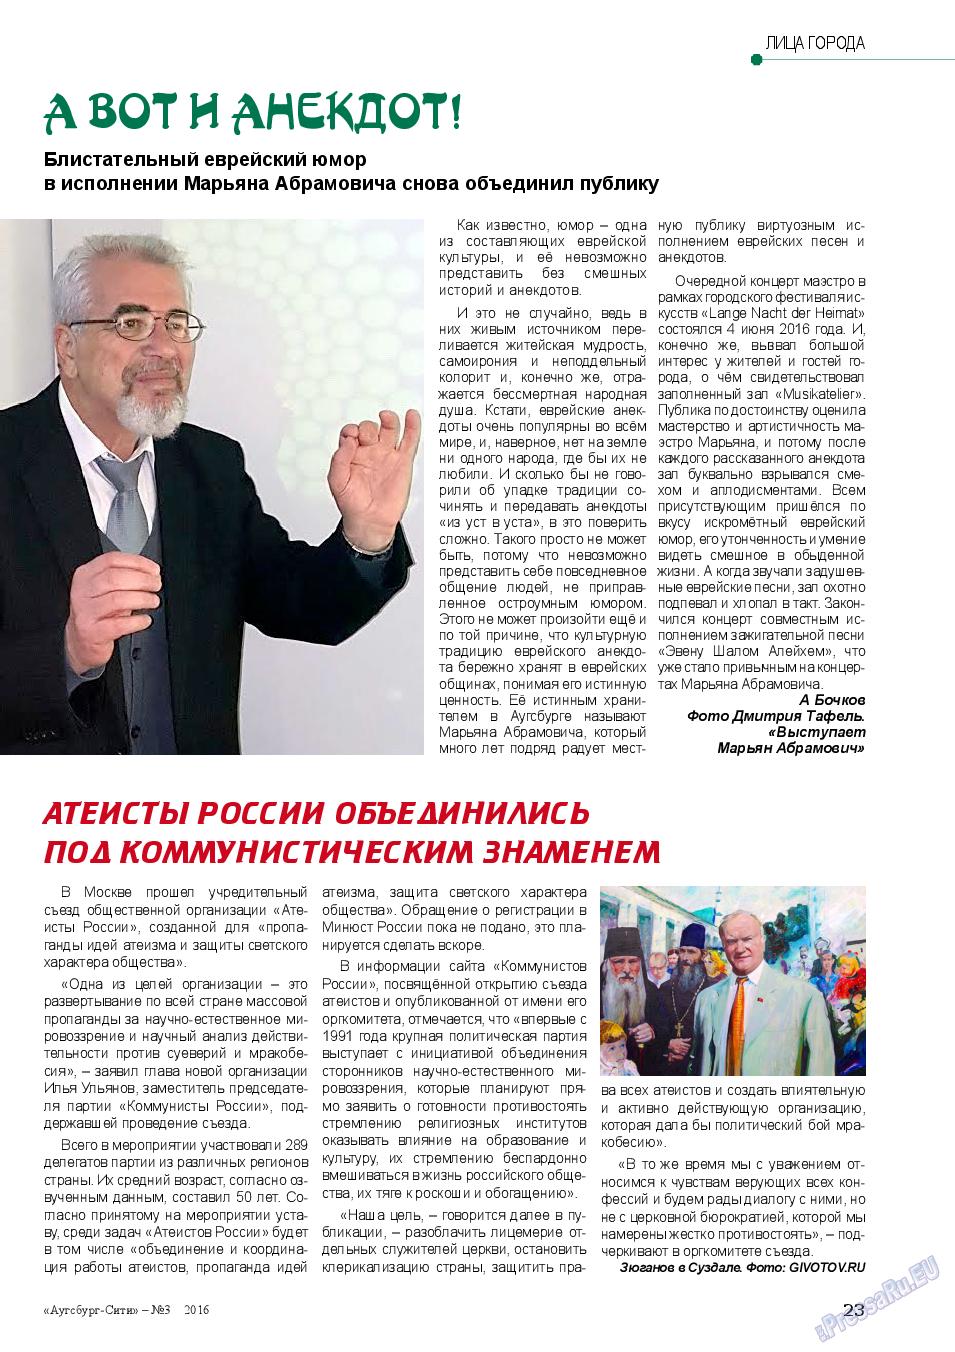 Аугсбург-сити (журнал). 2016 год, номер 3, стр. 23